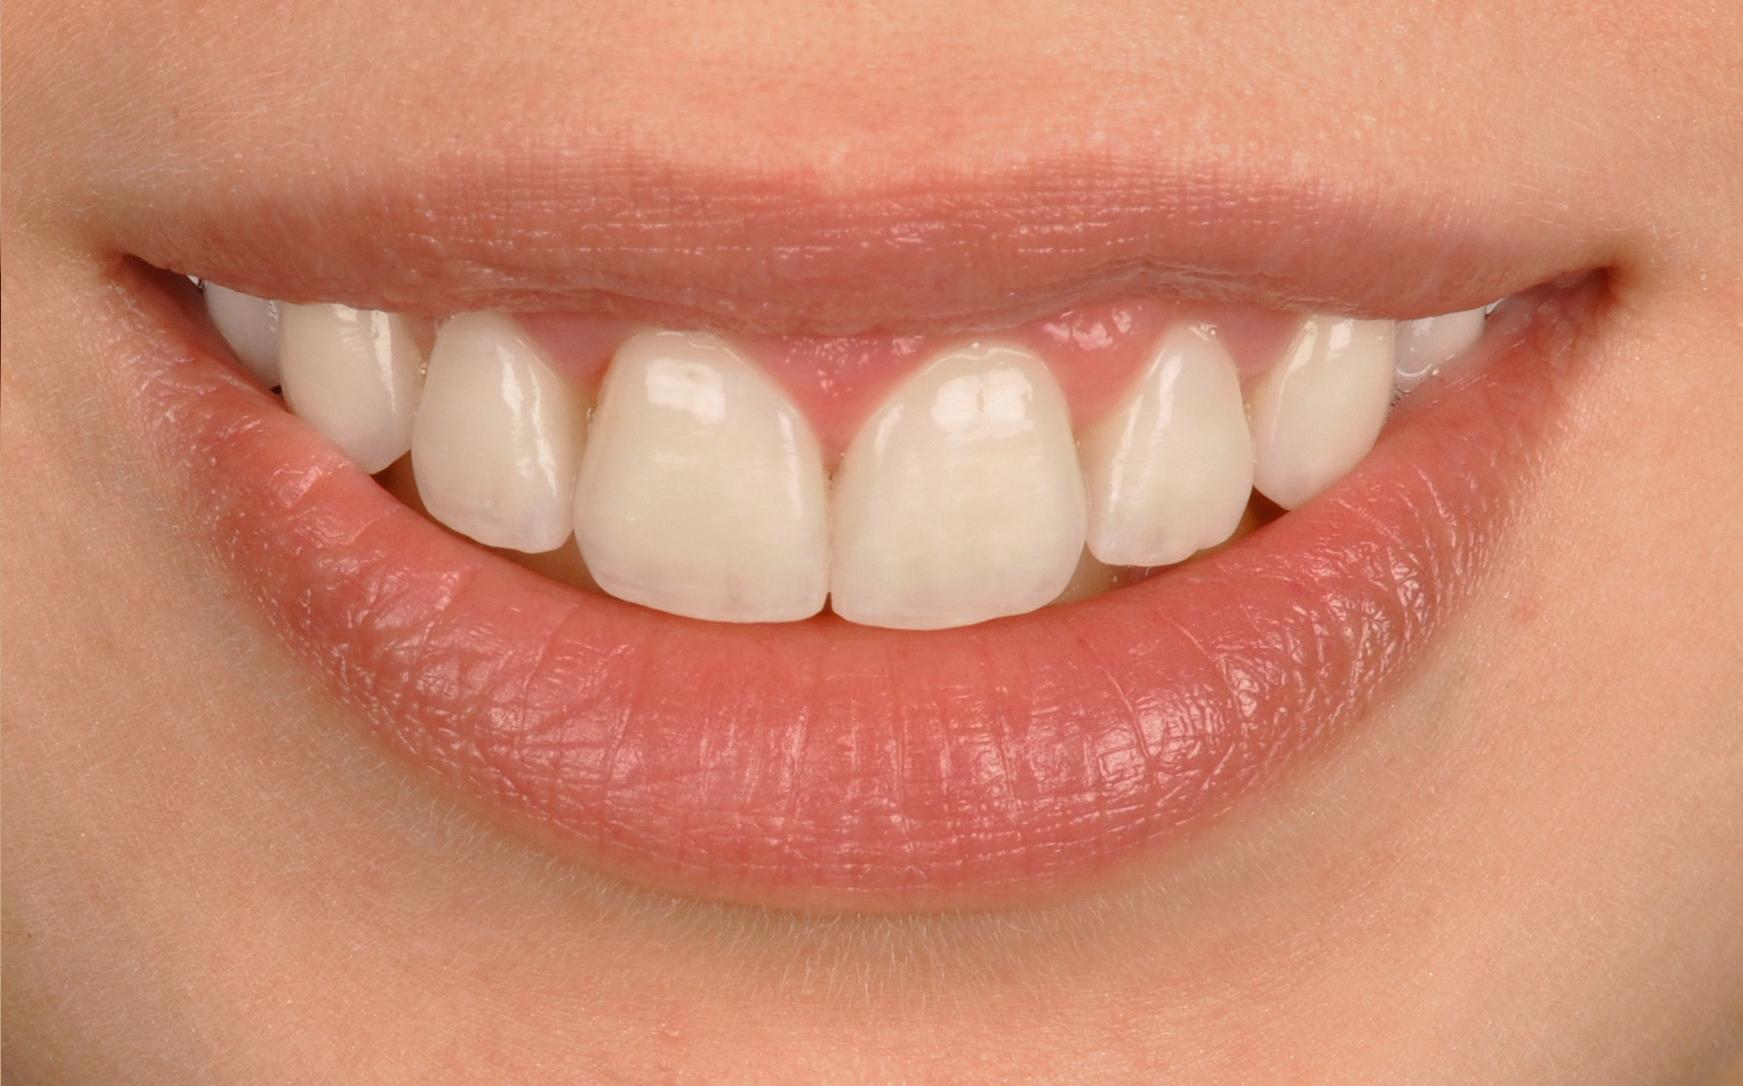 Beispielbild Rot-Weiß-Ästhetik, lächeln